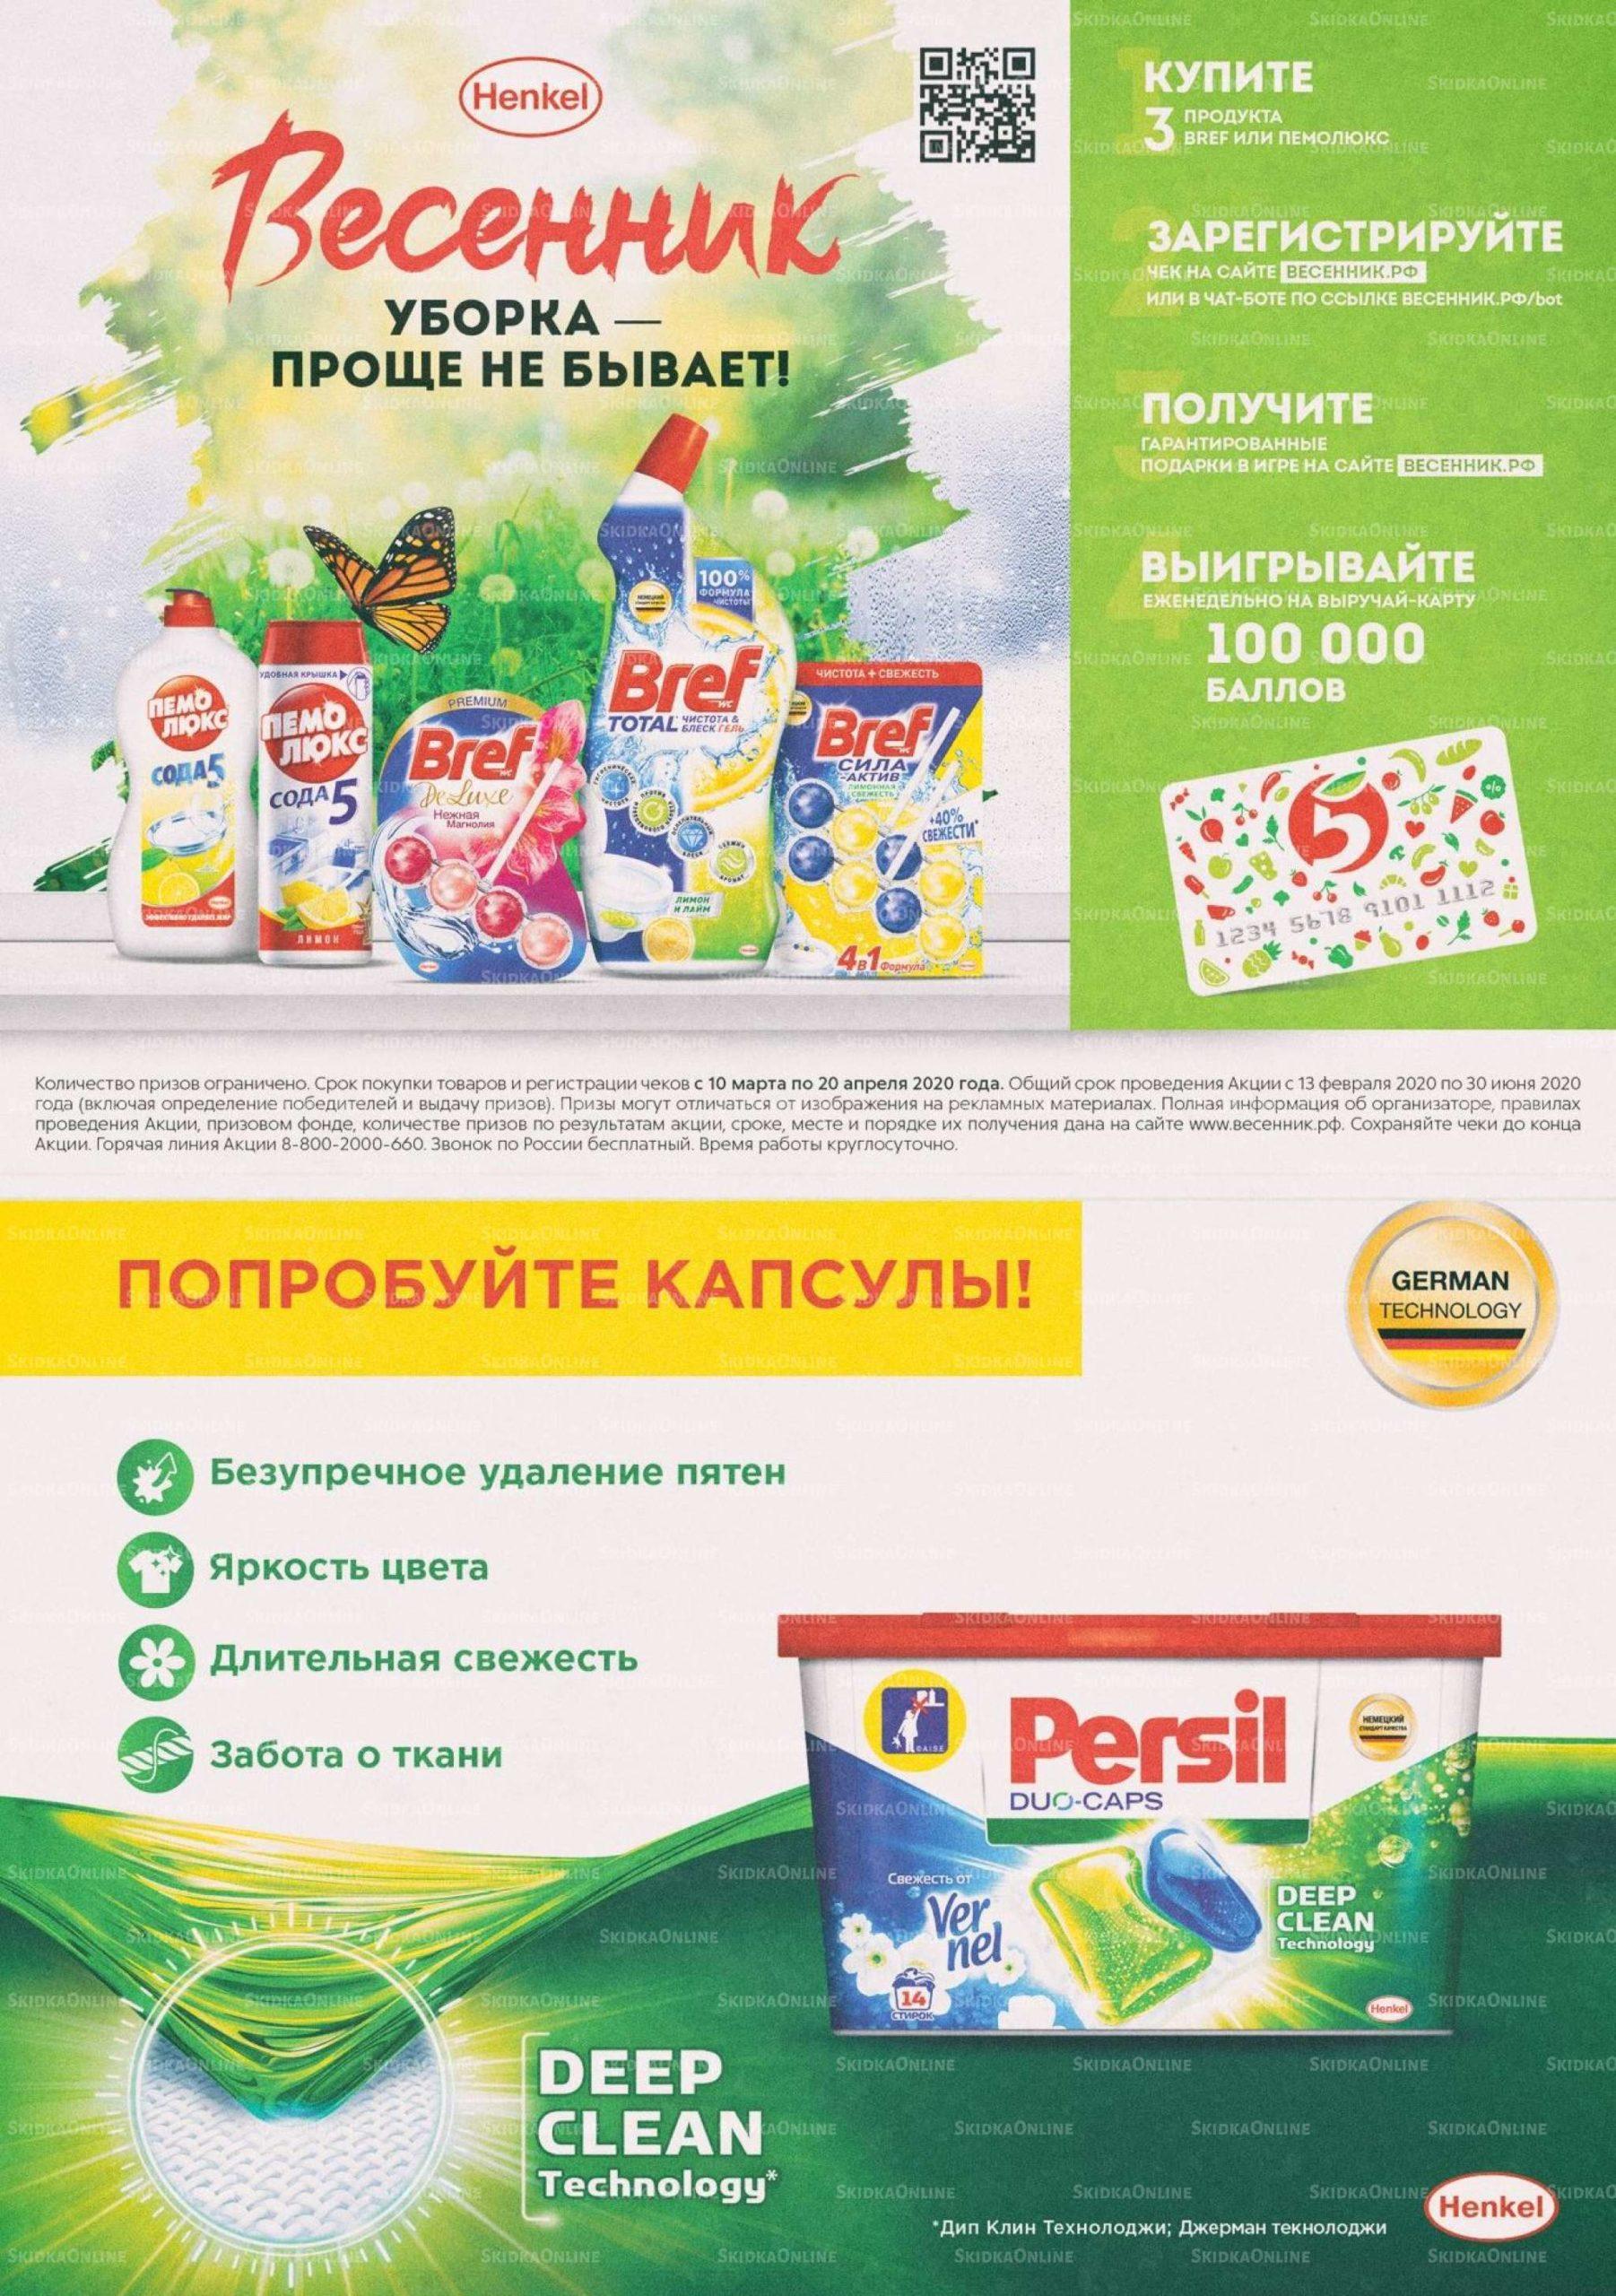 Акции в Пятёрочке с 7 по 13 апреля 2020 года